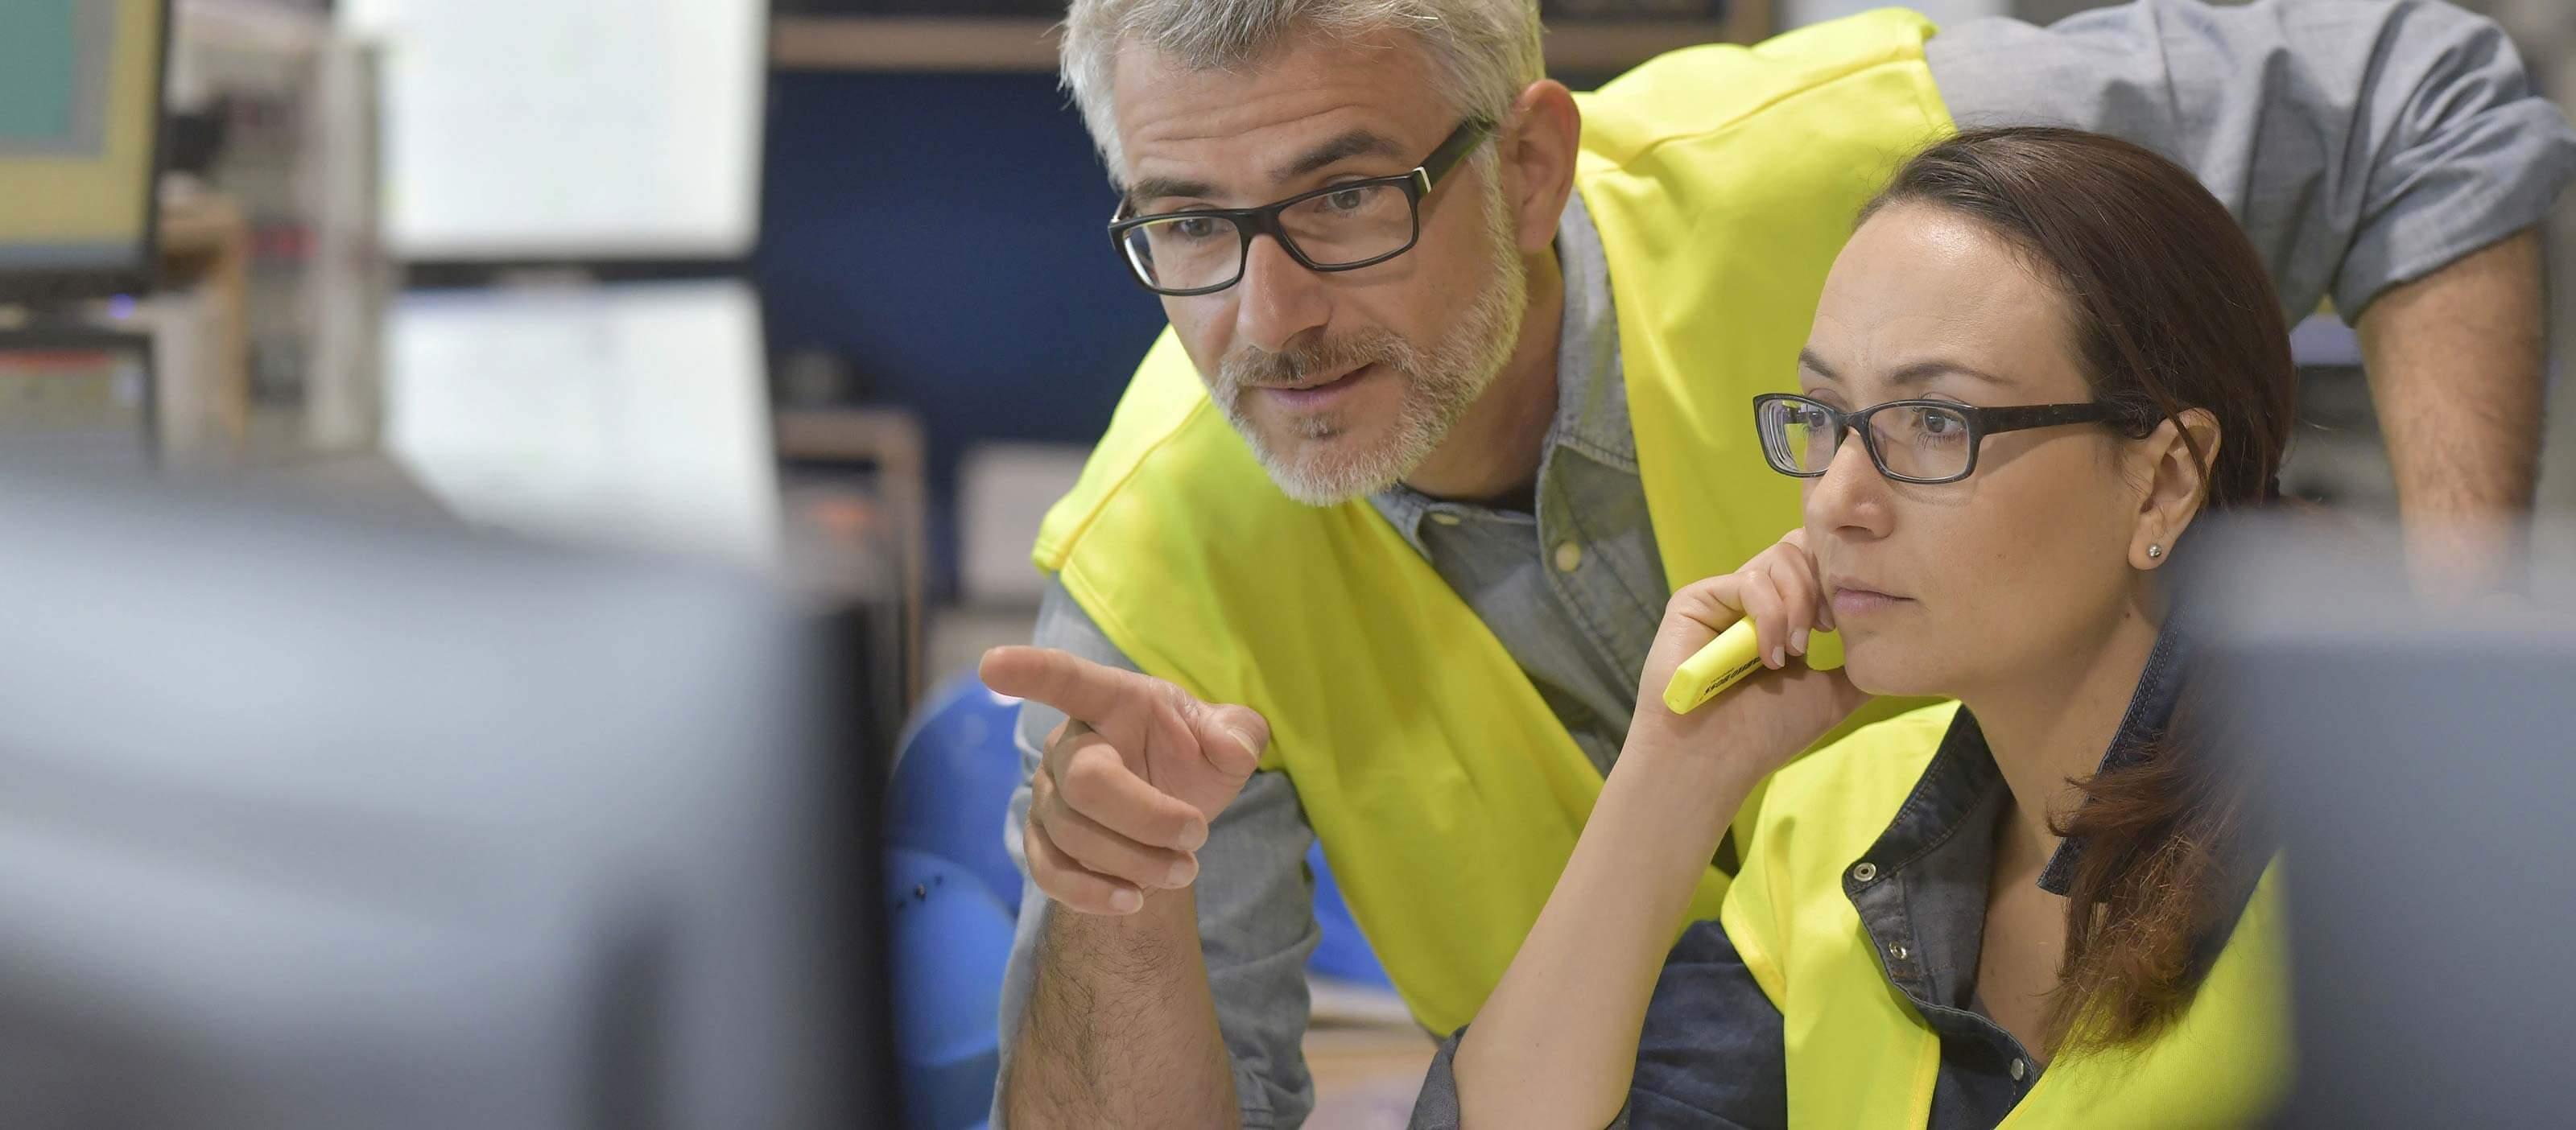 Industrial engineers using Predix Essentials from GE Digital